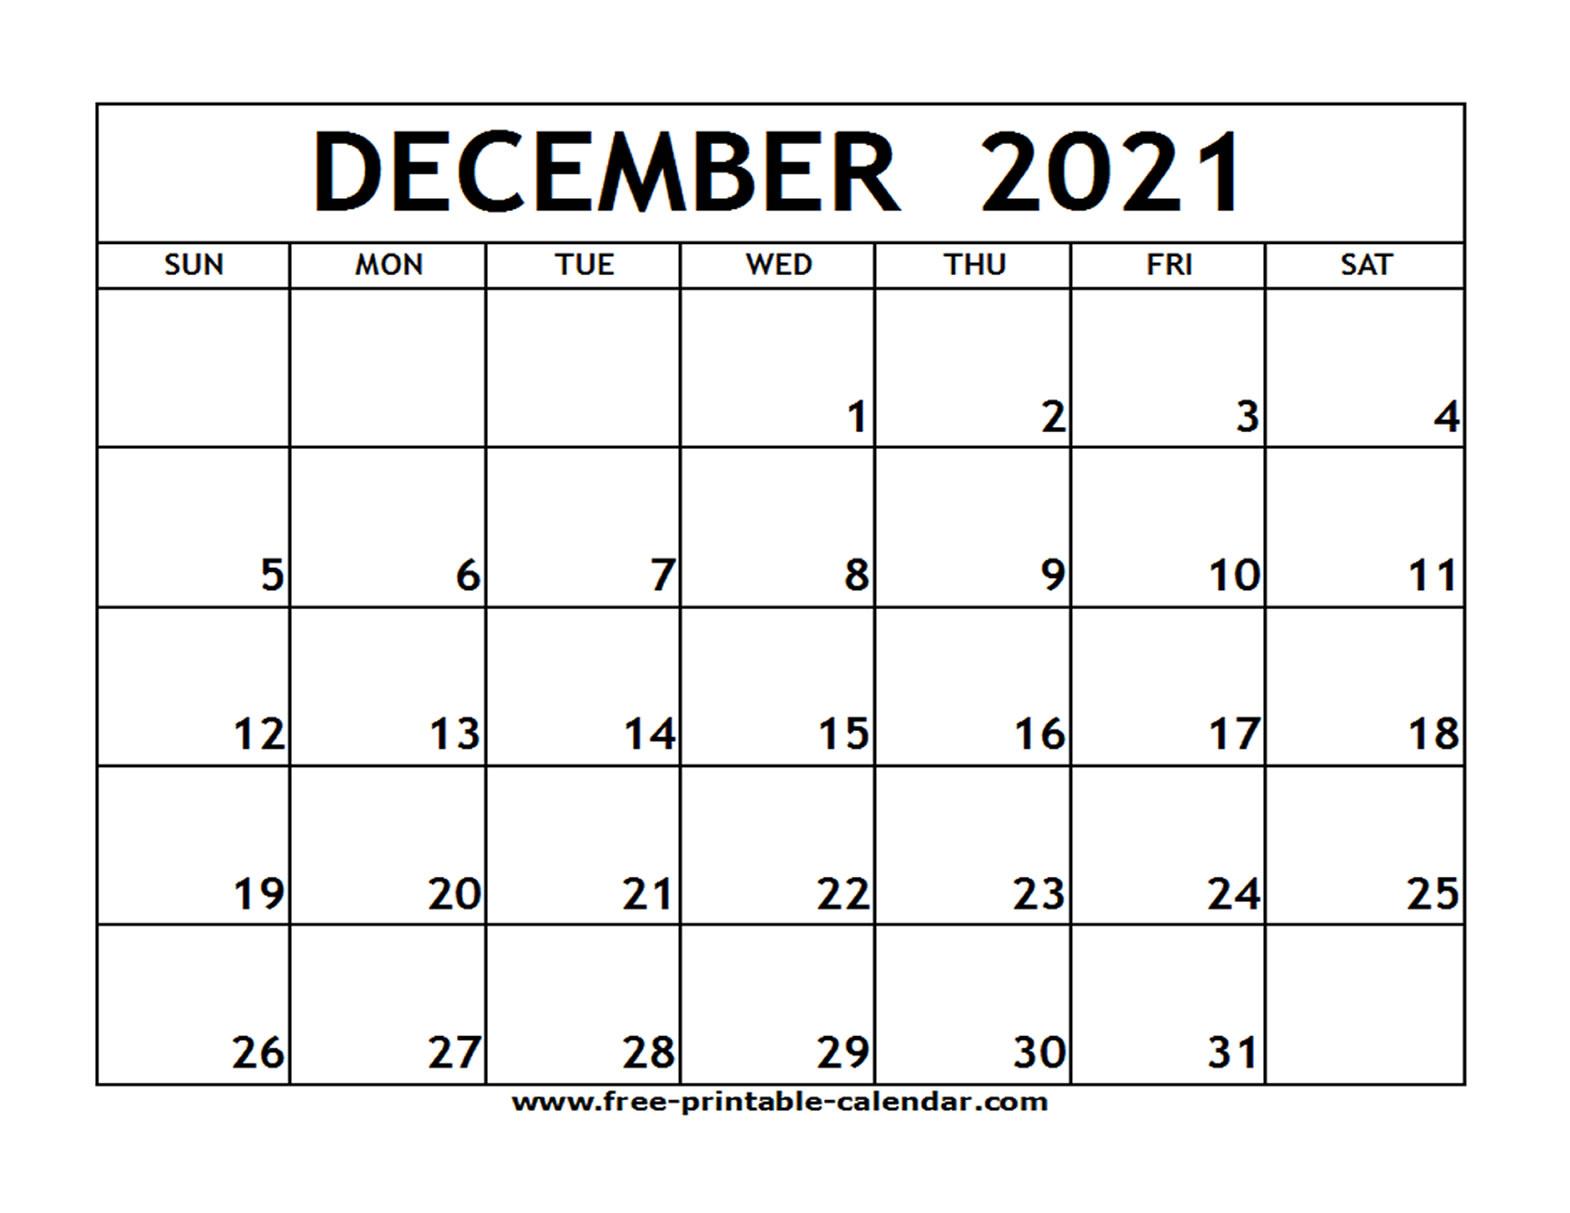 December 2021 Calendar Printable | Example Calendar Printable